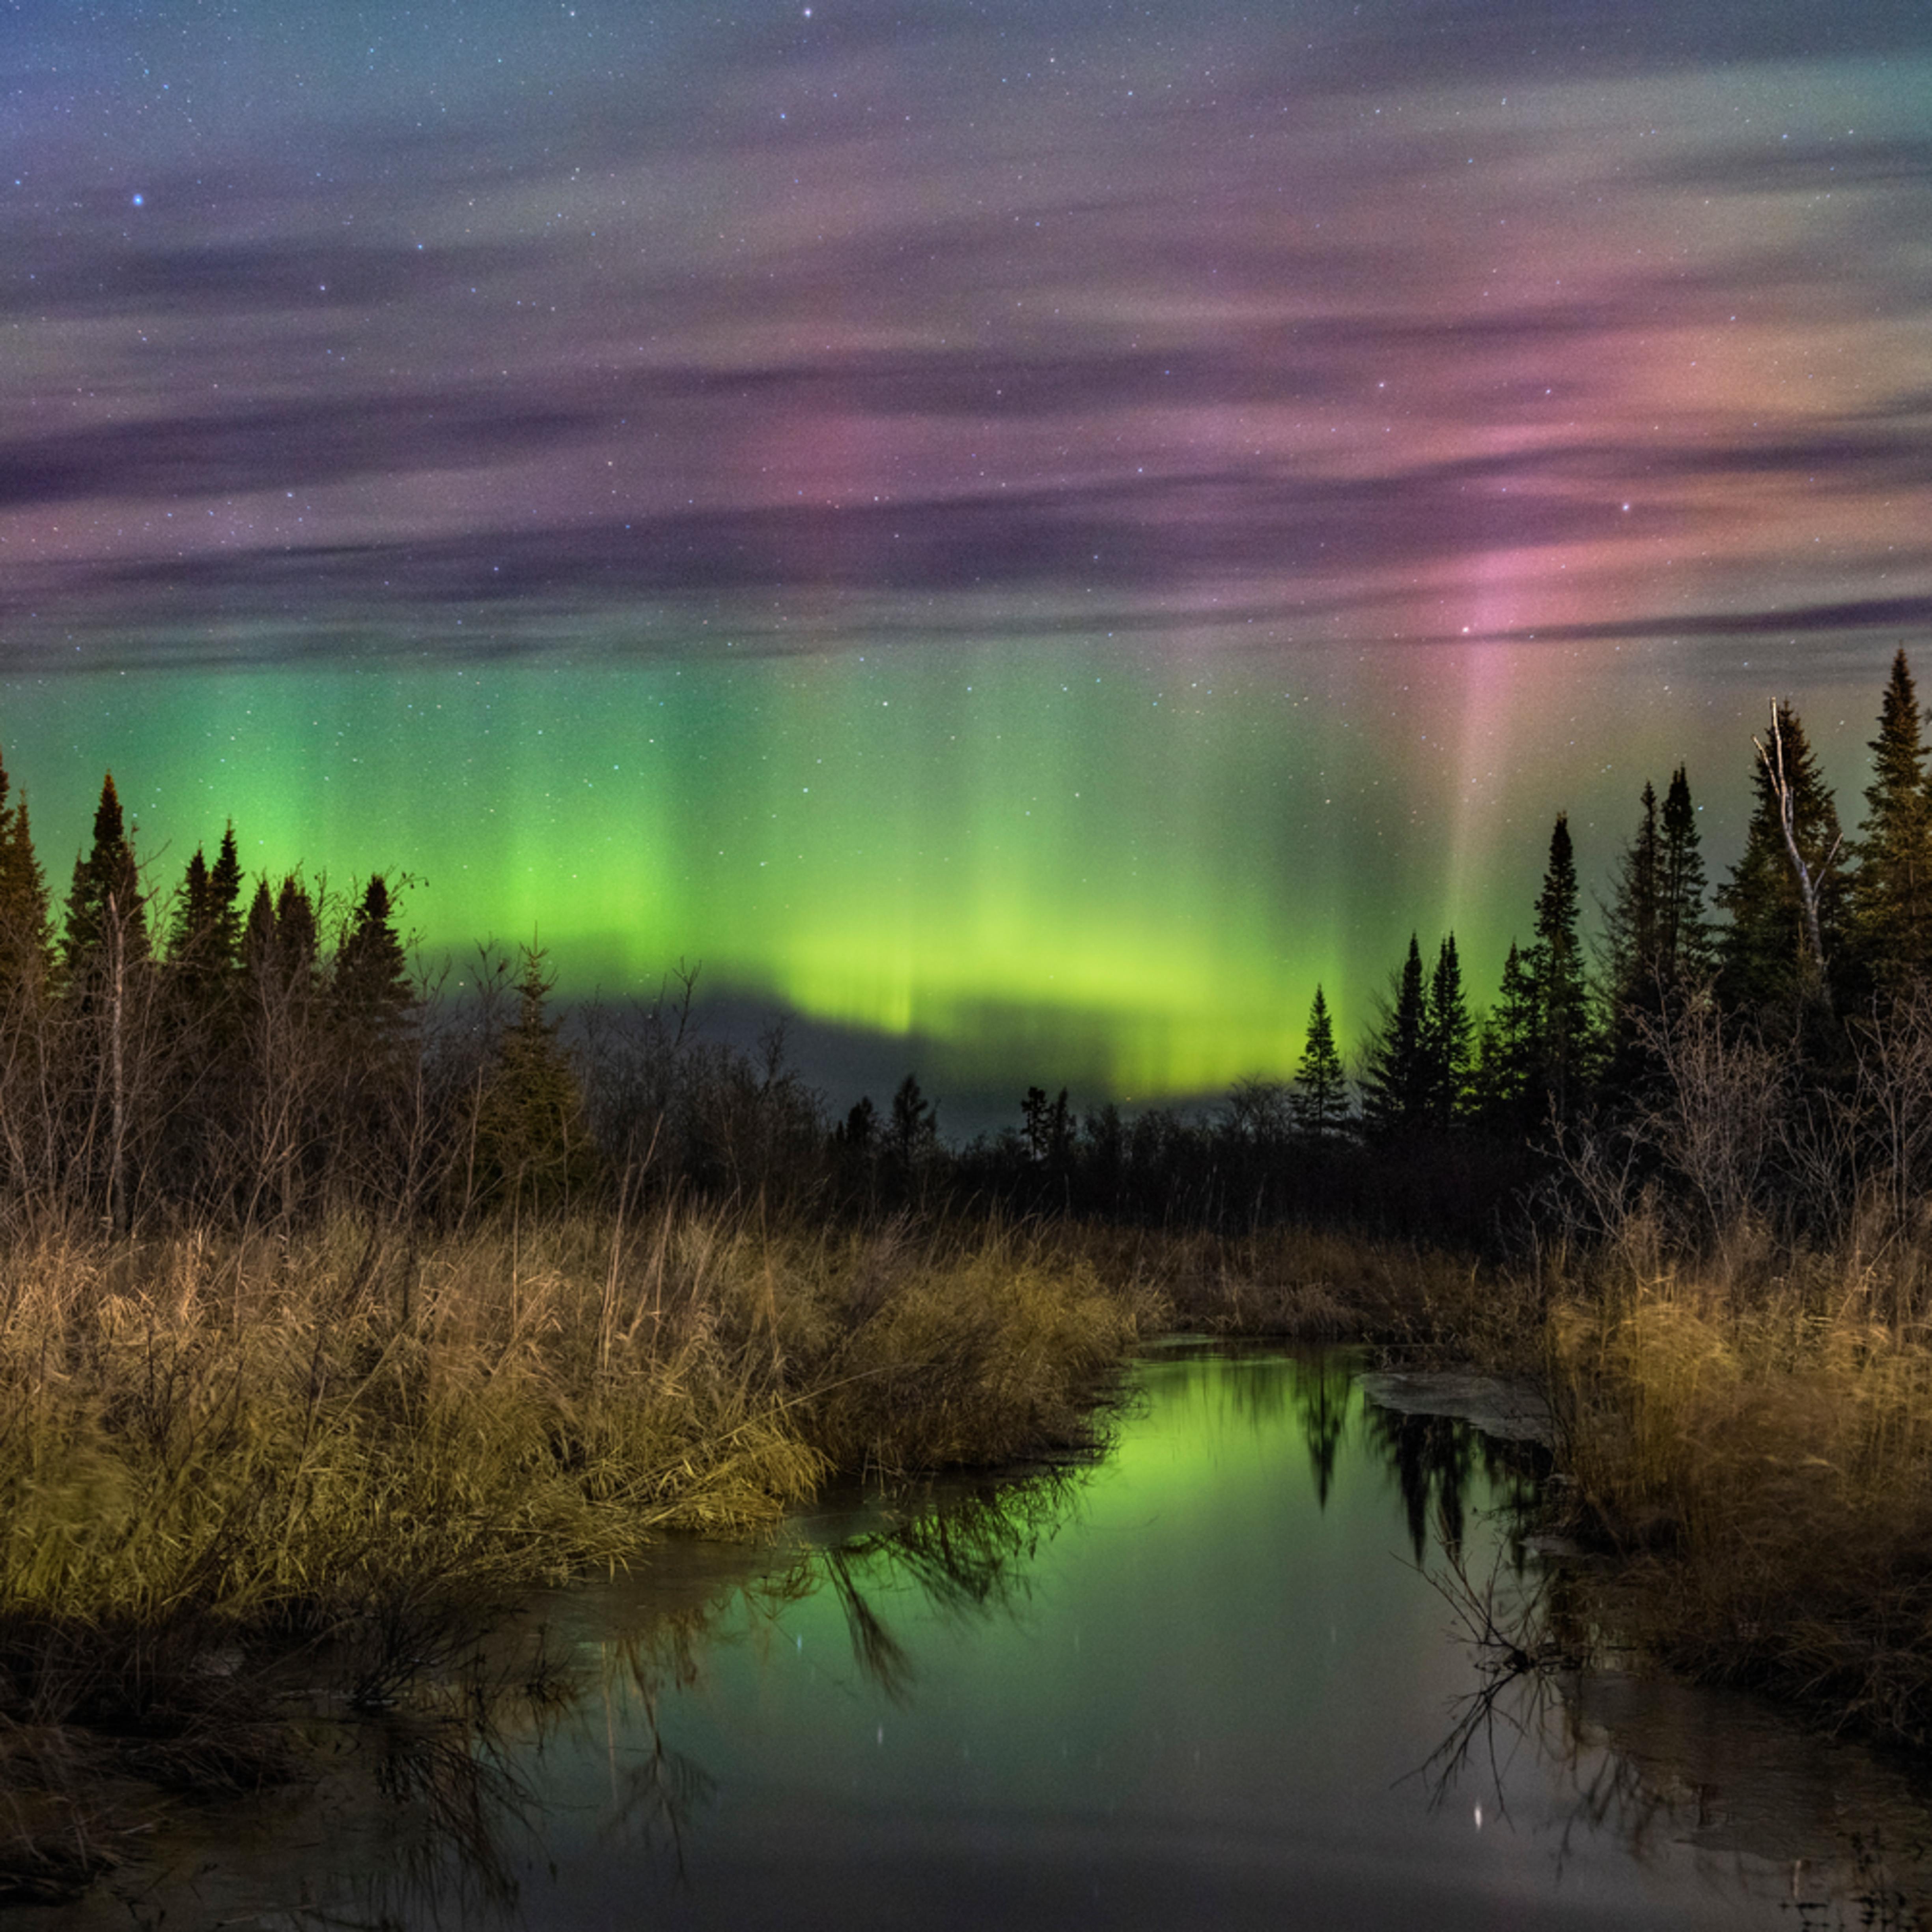 Shamrock aurora qm5fv4